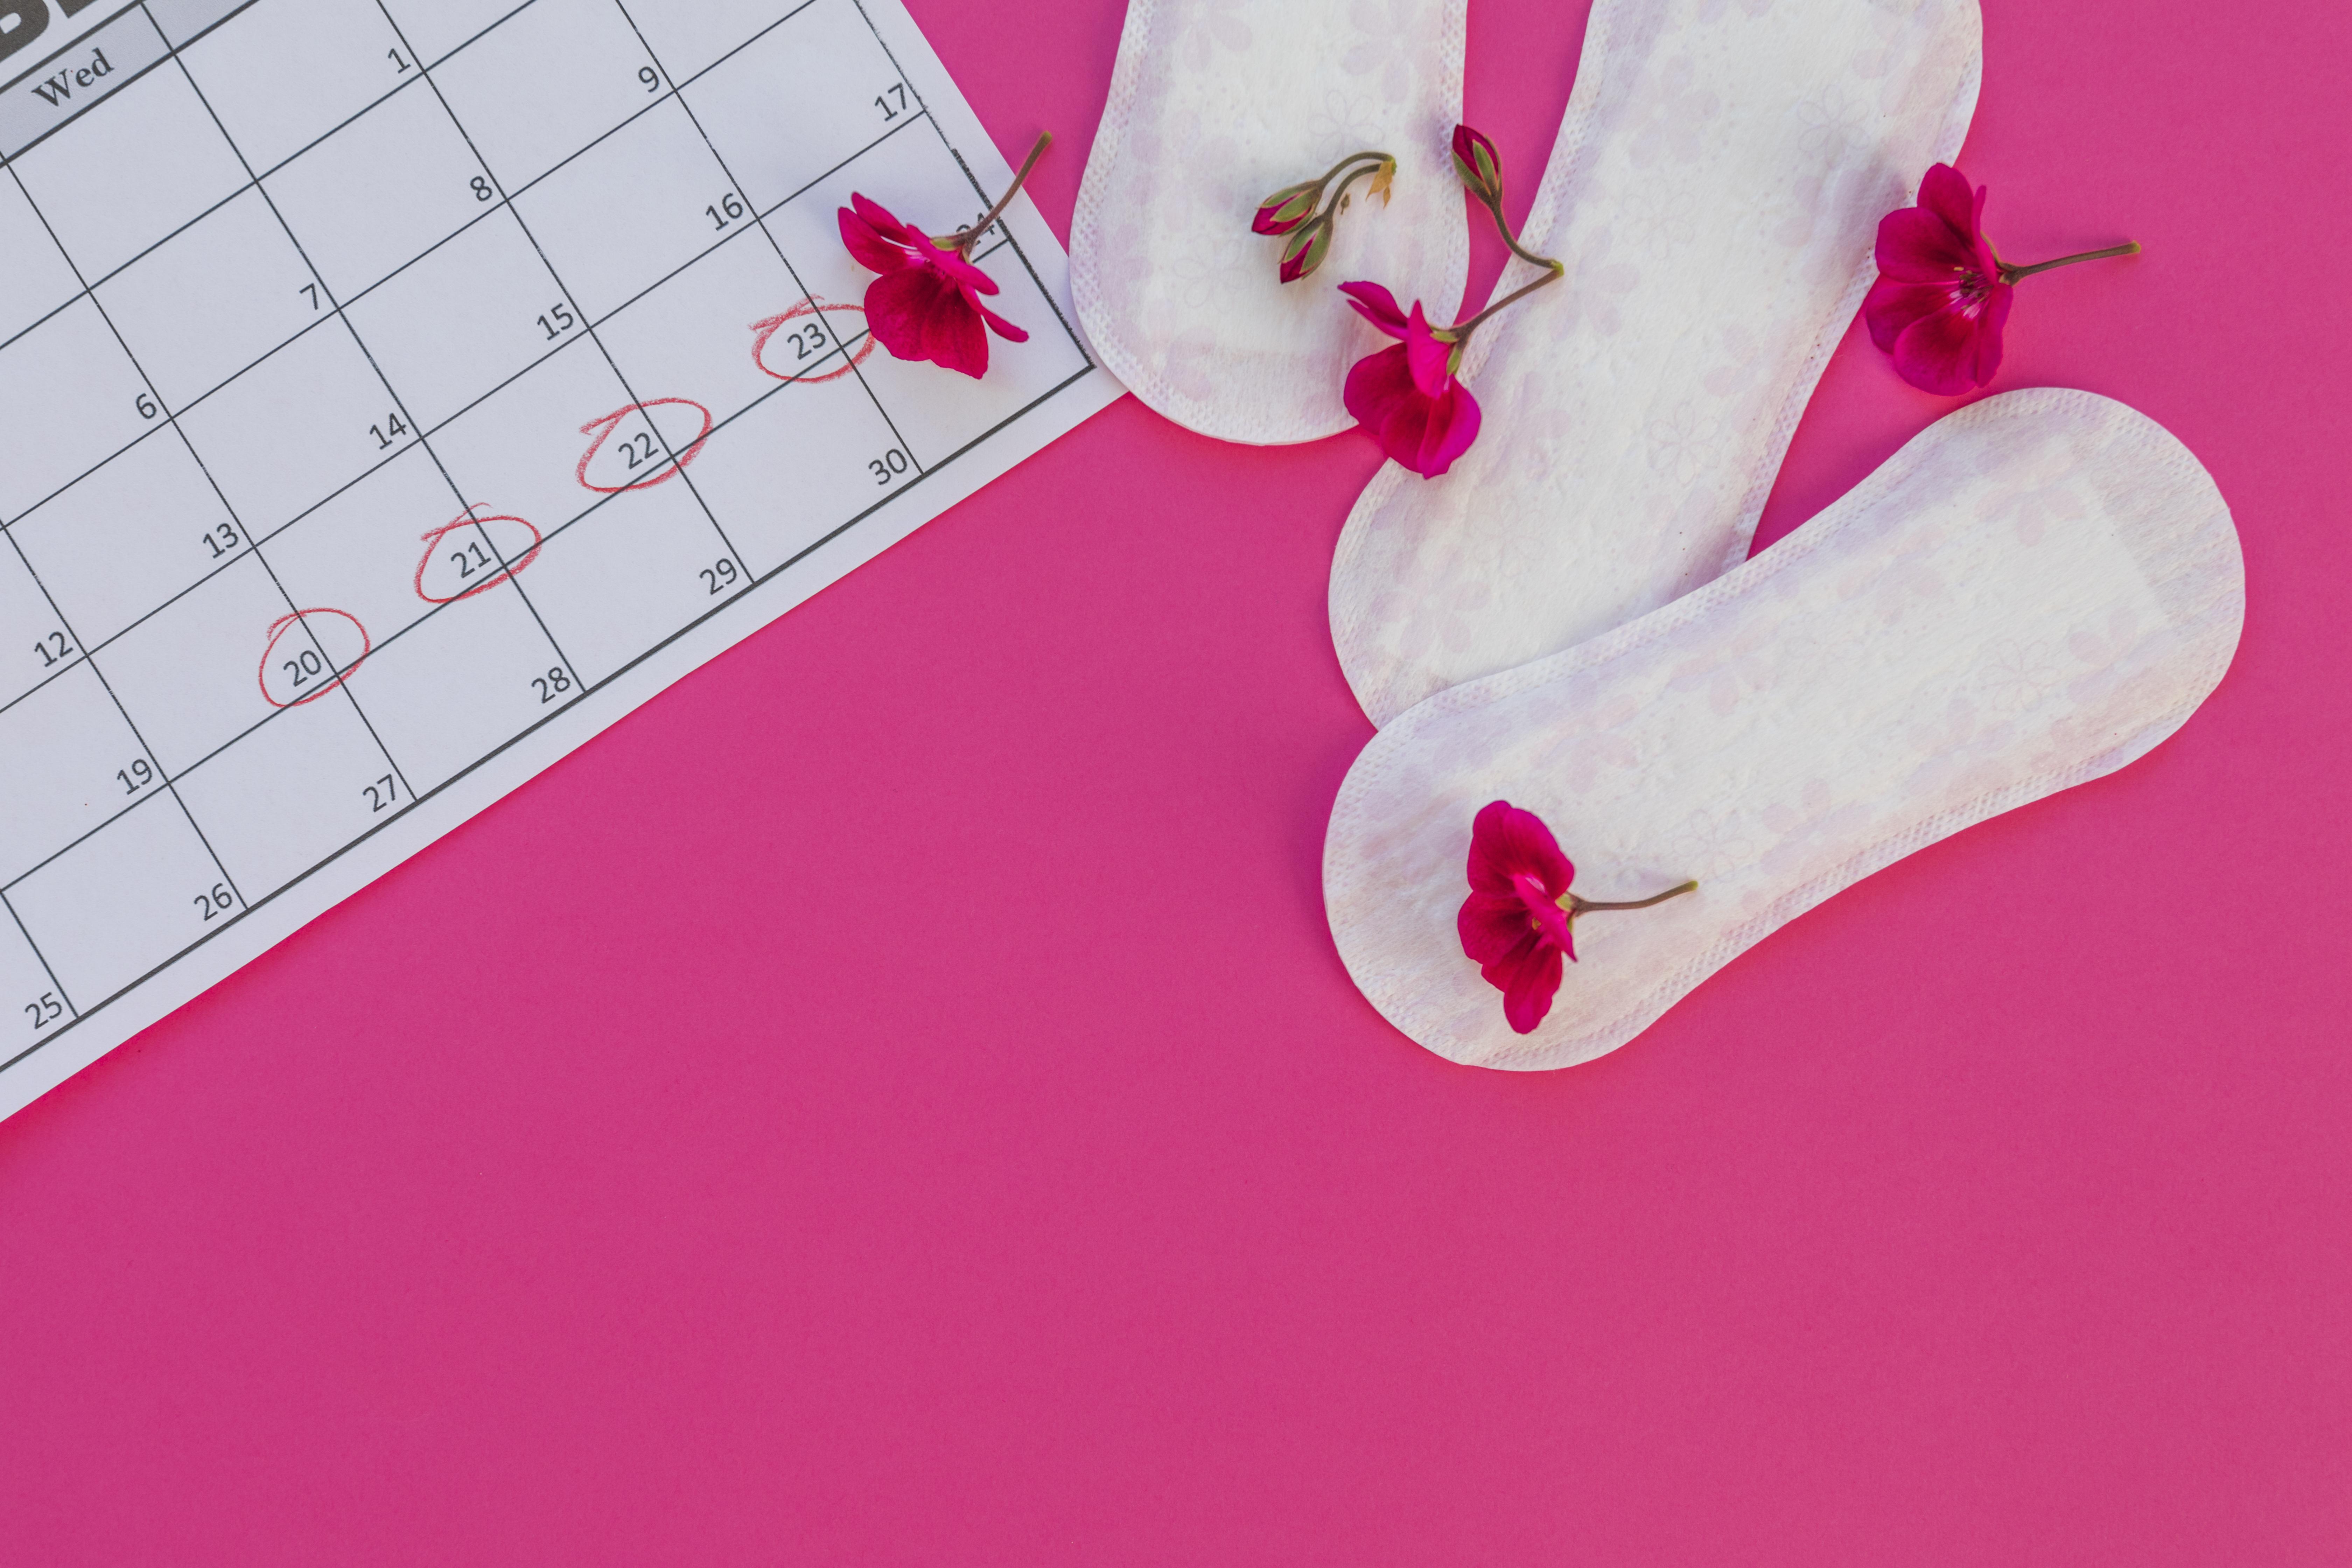 Kalender mit markierten Tagen, Damenbinde und Blumen